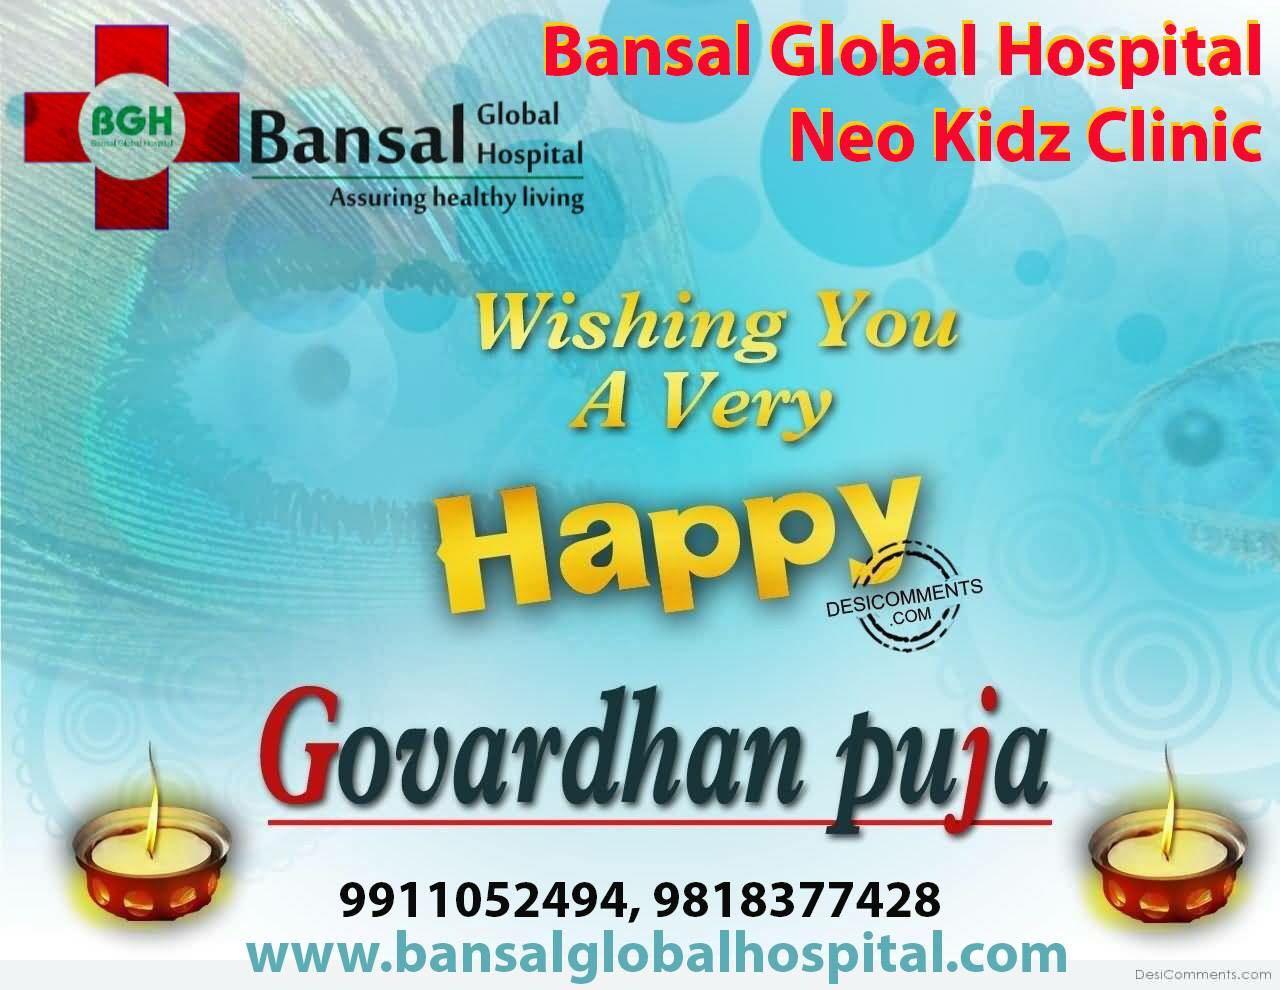 Bansal Global Hospital Govardhan Pooja